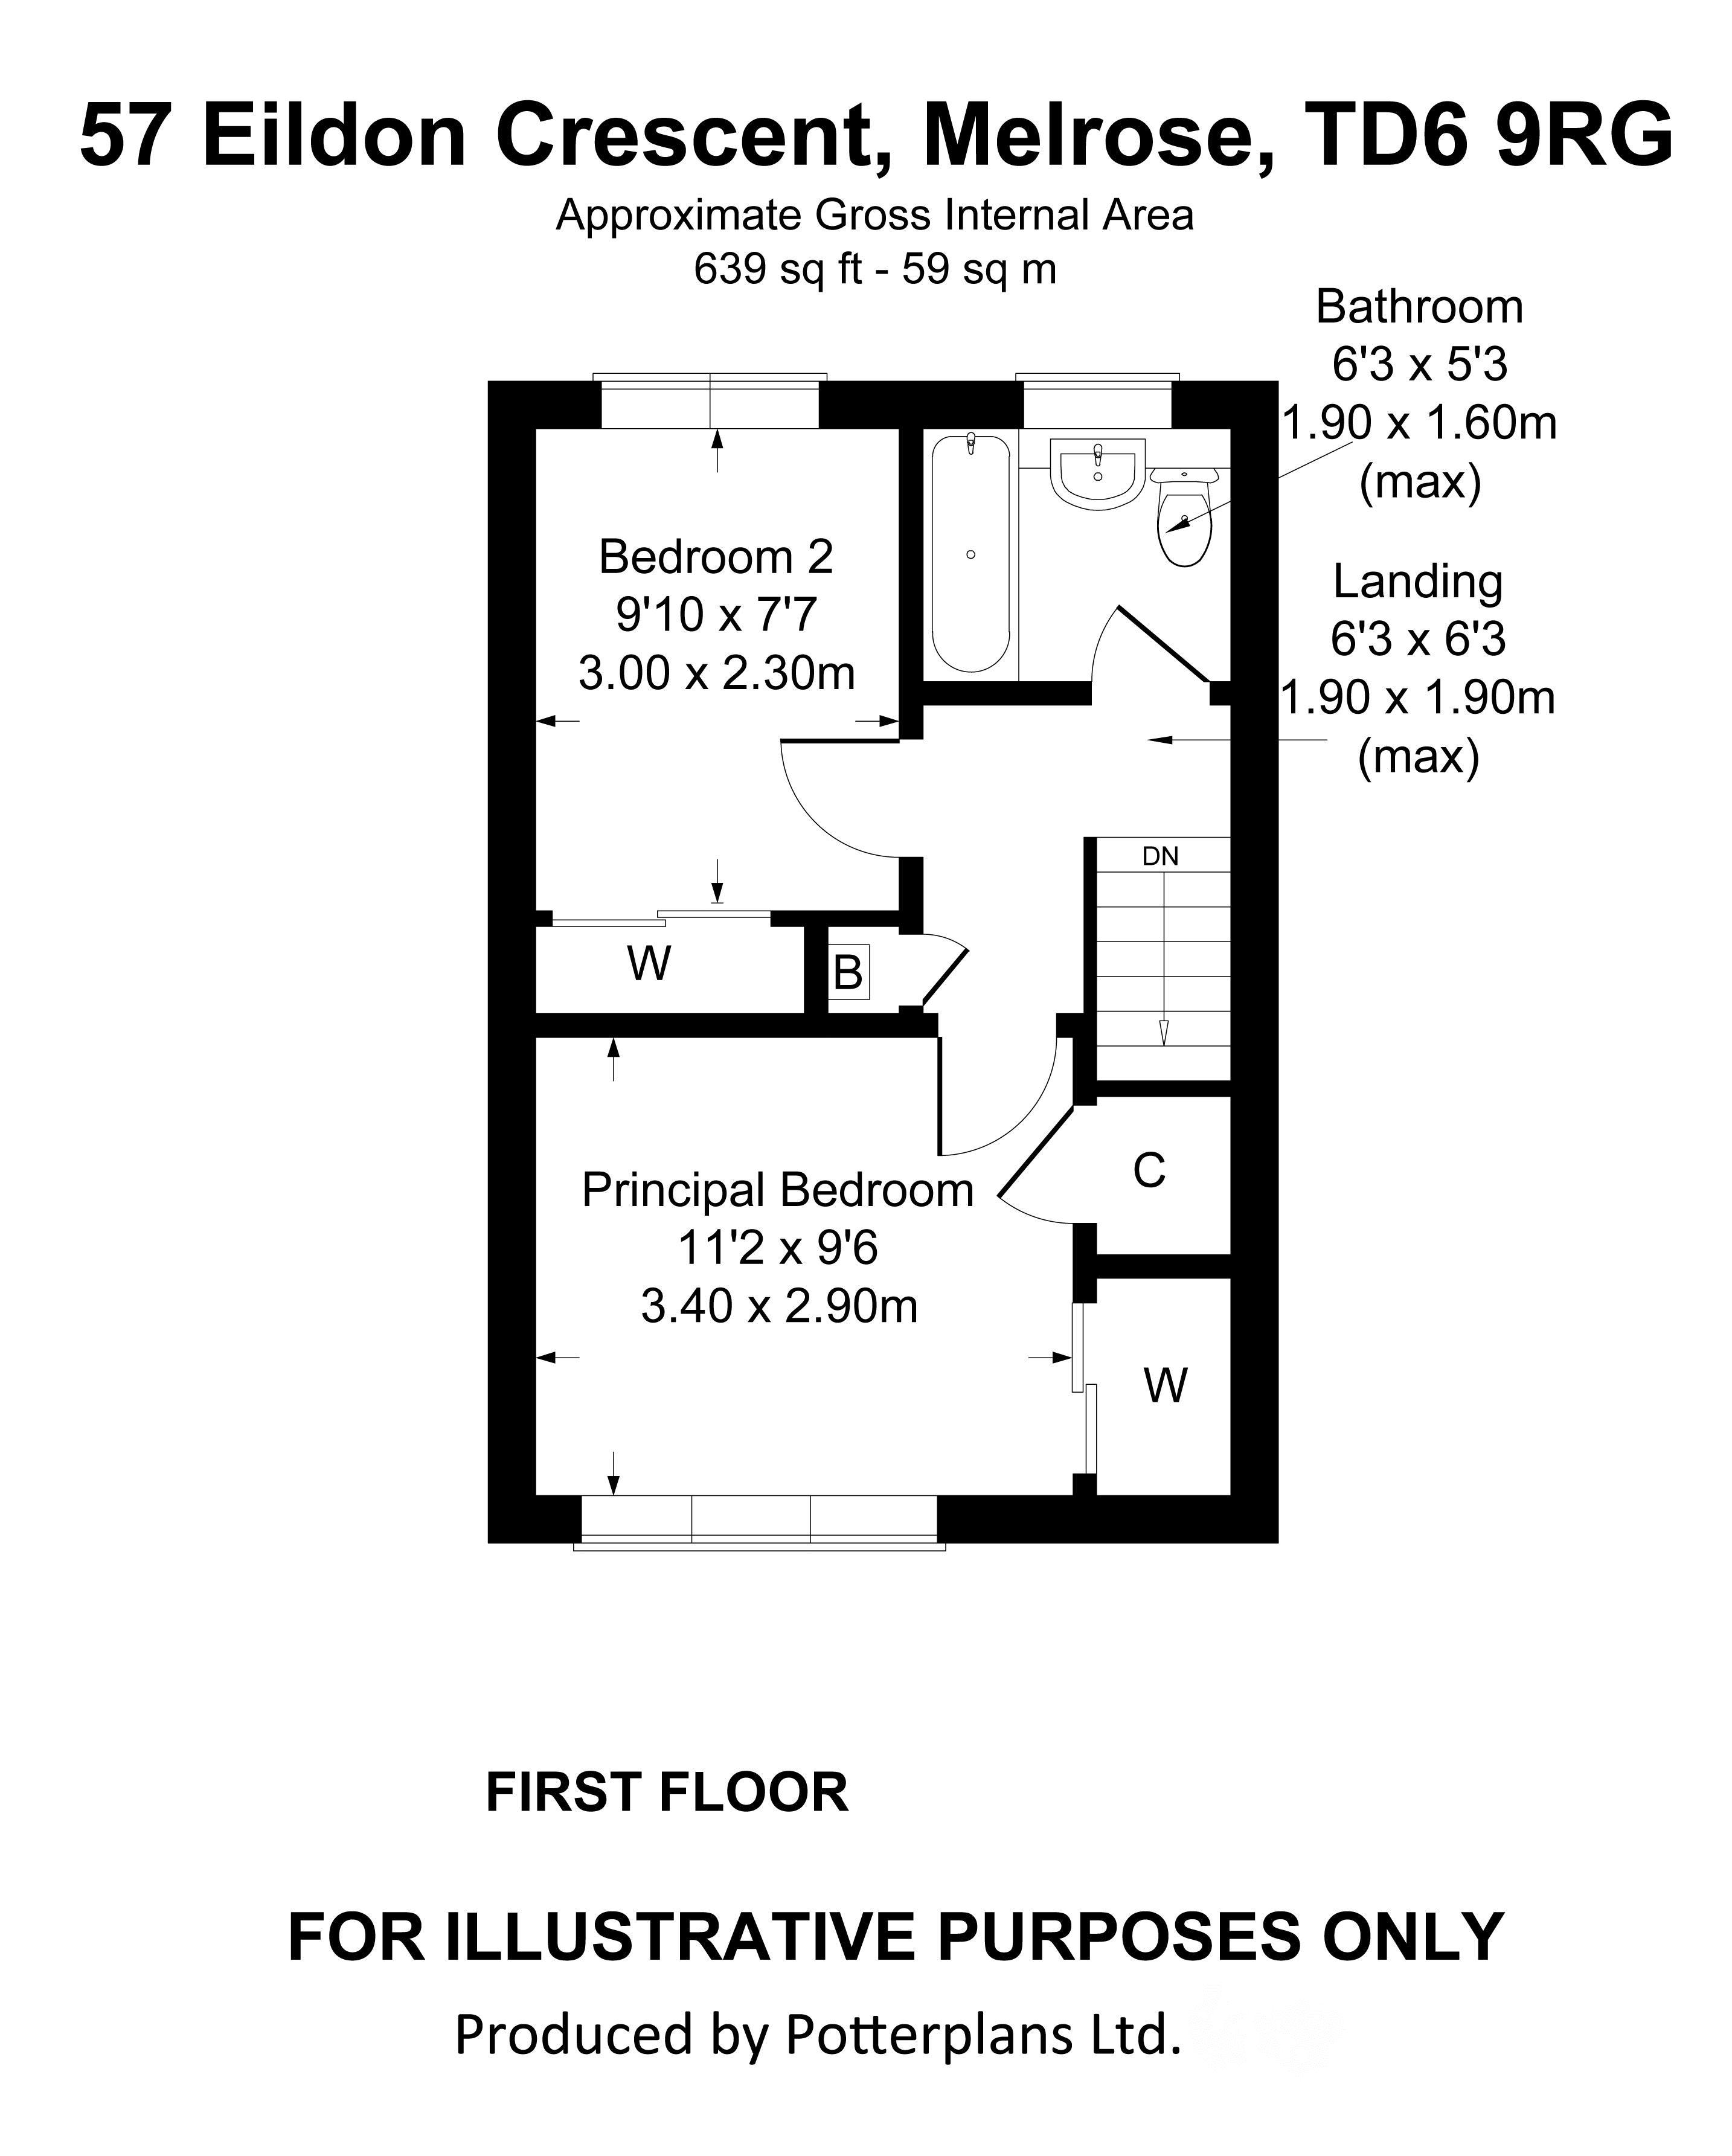 57 Eildon Crescent First Floor